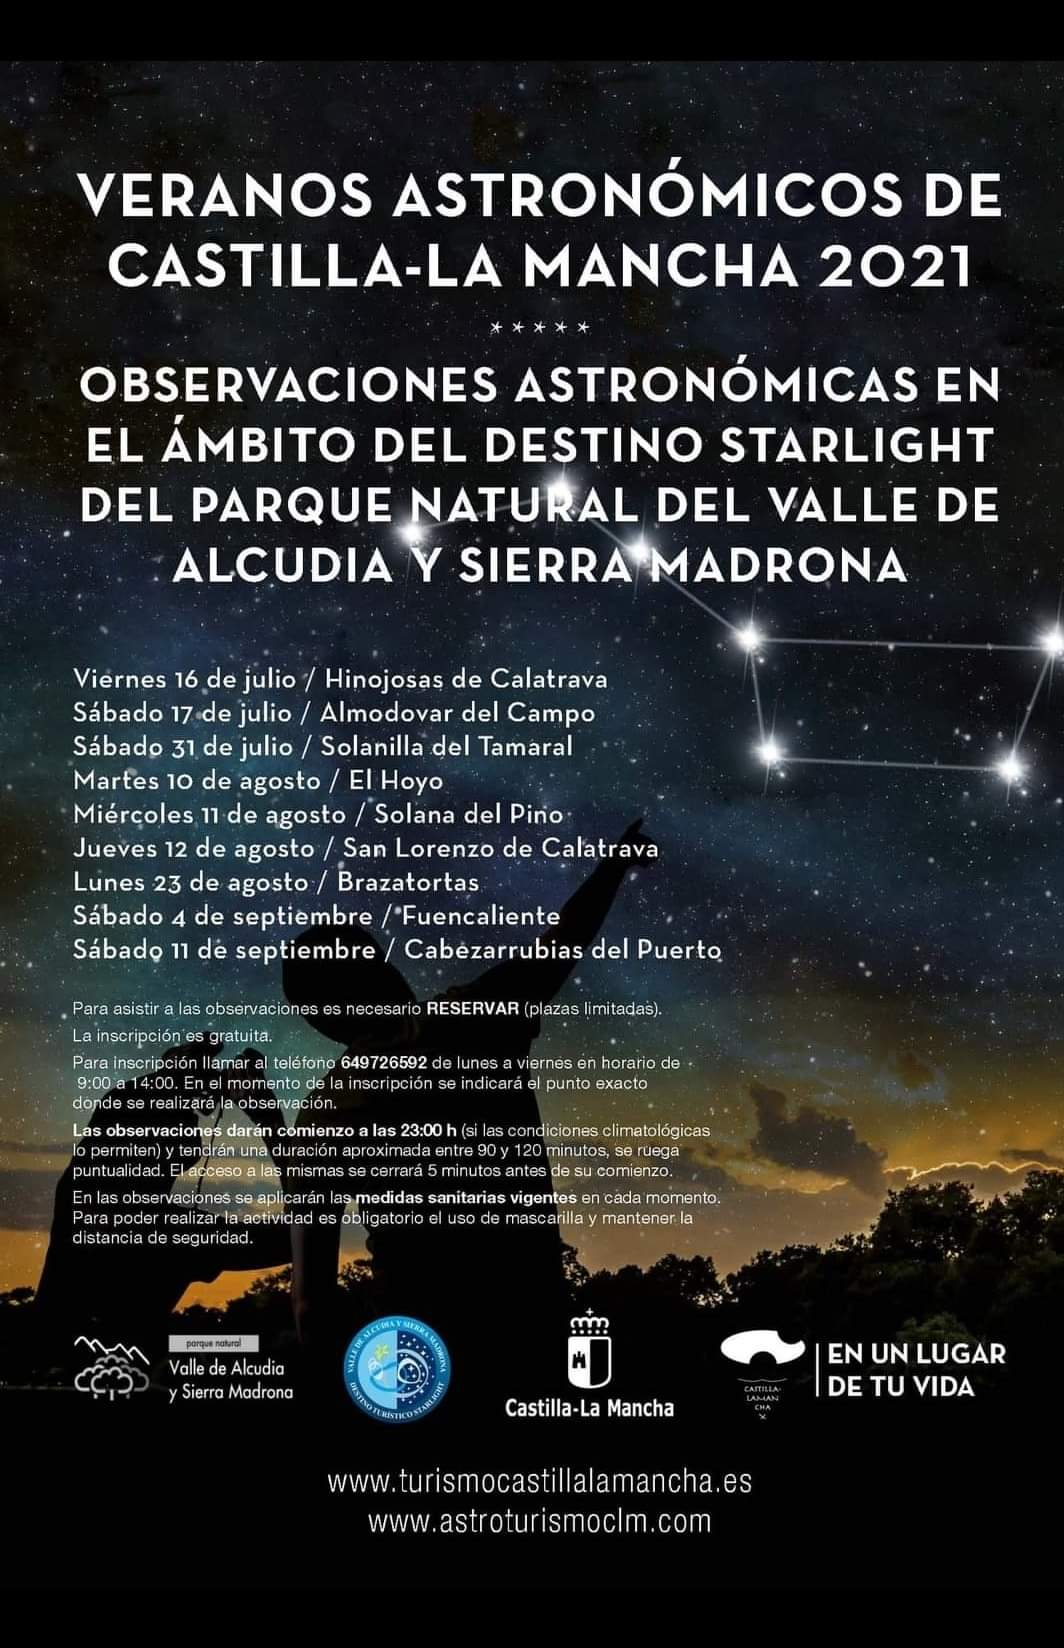 Imagen de la actividad VERANO ASTRONOMICO 2021